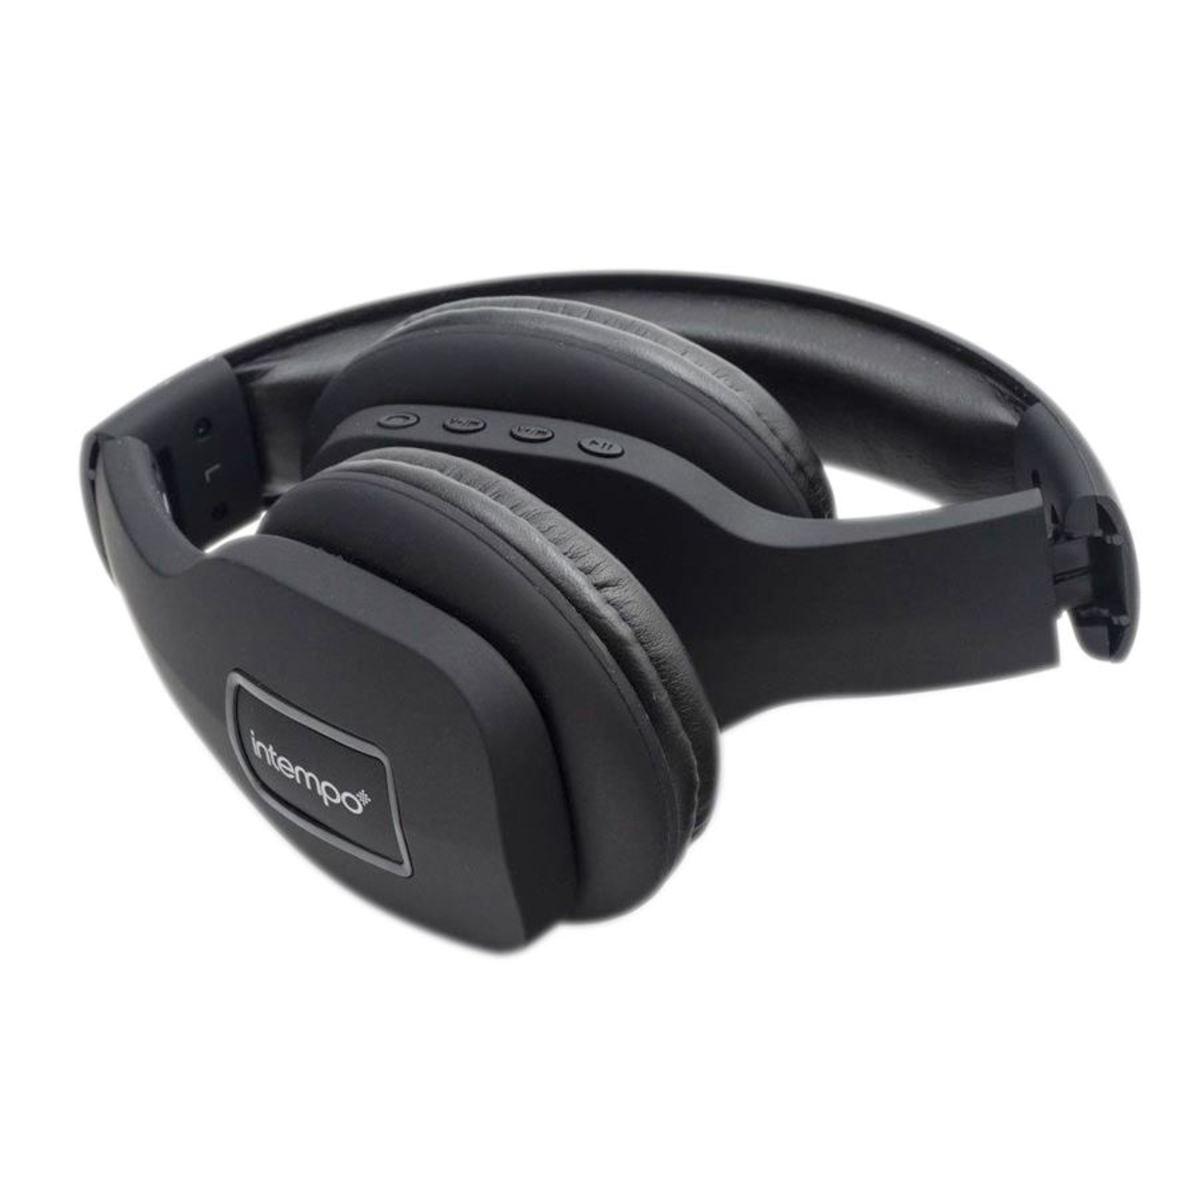 Bild 3 von Intempo Bluetooth Melody-Kopfhörer EE1 178